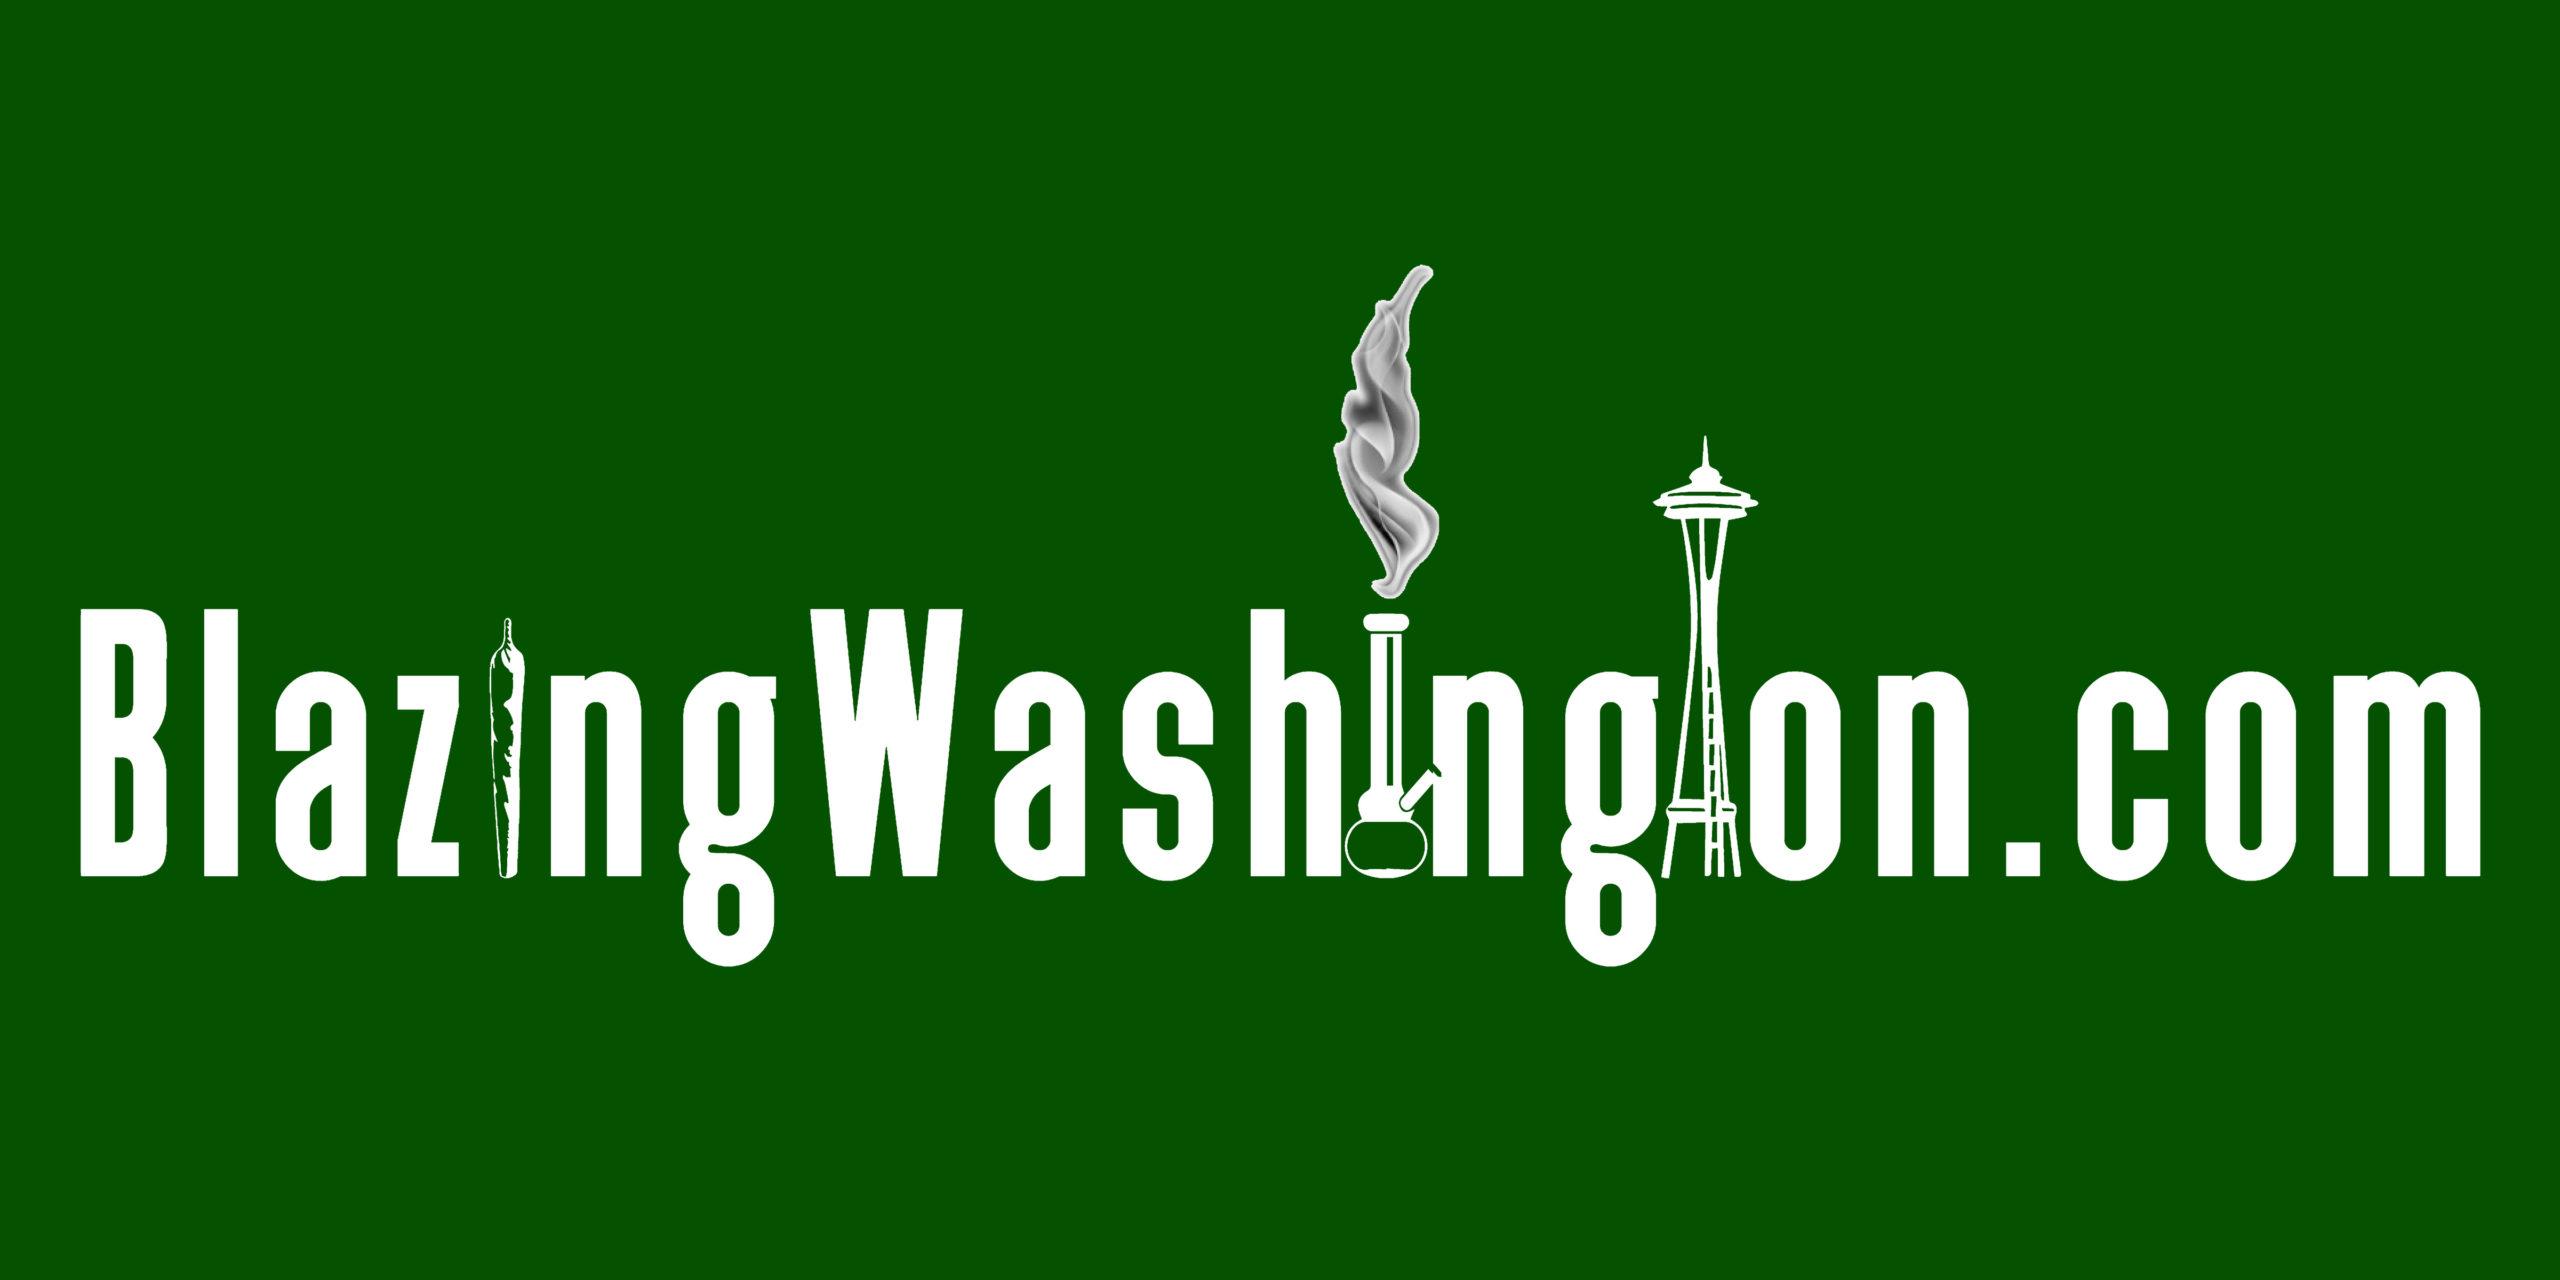 Blazing Washington